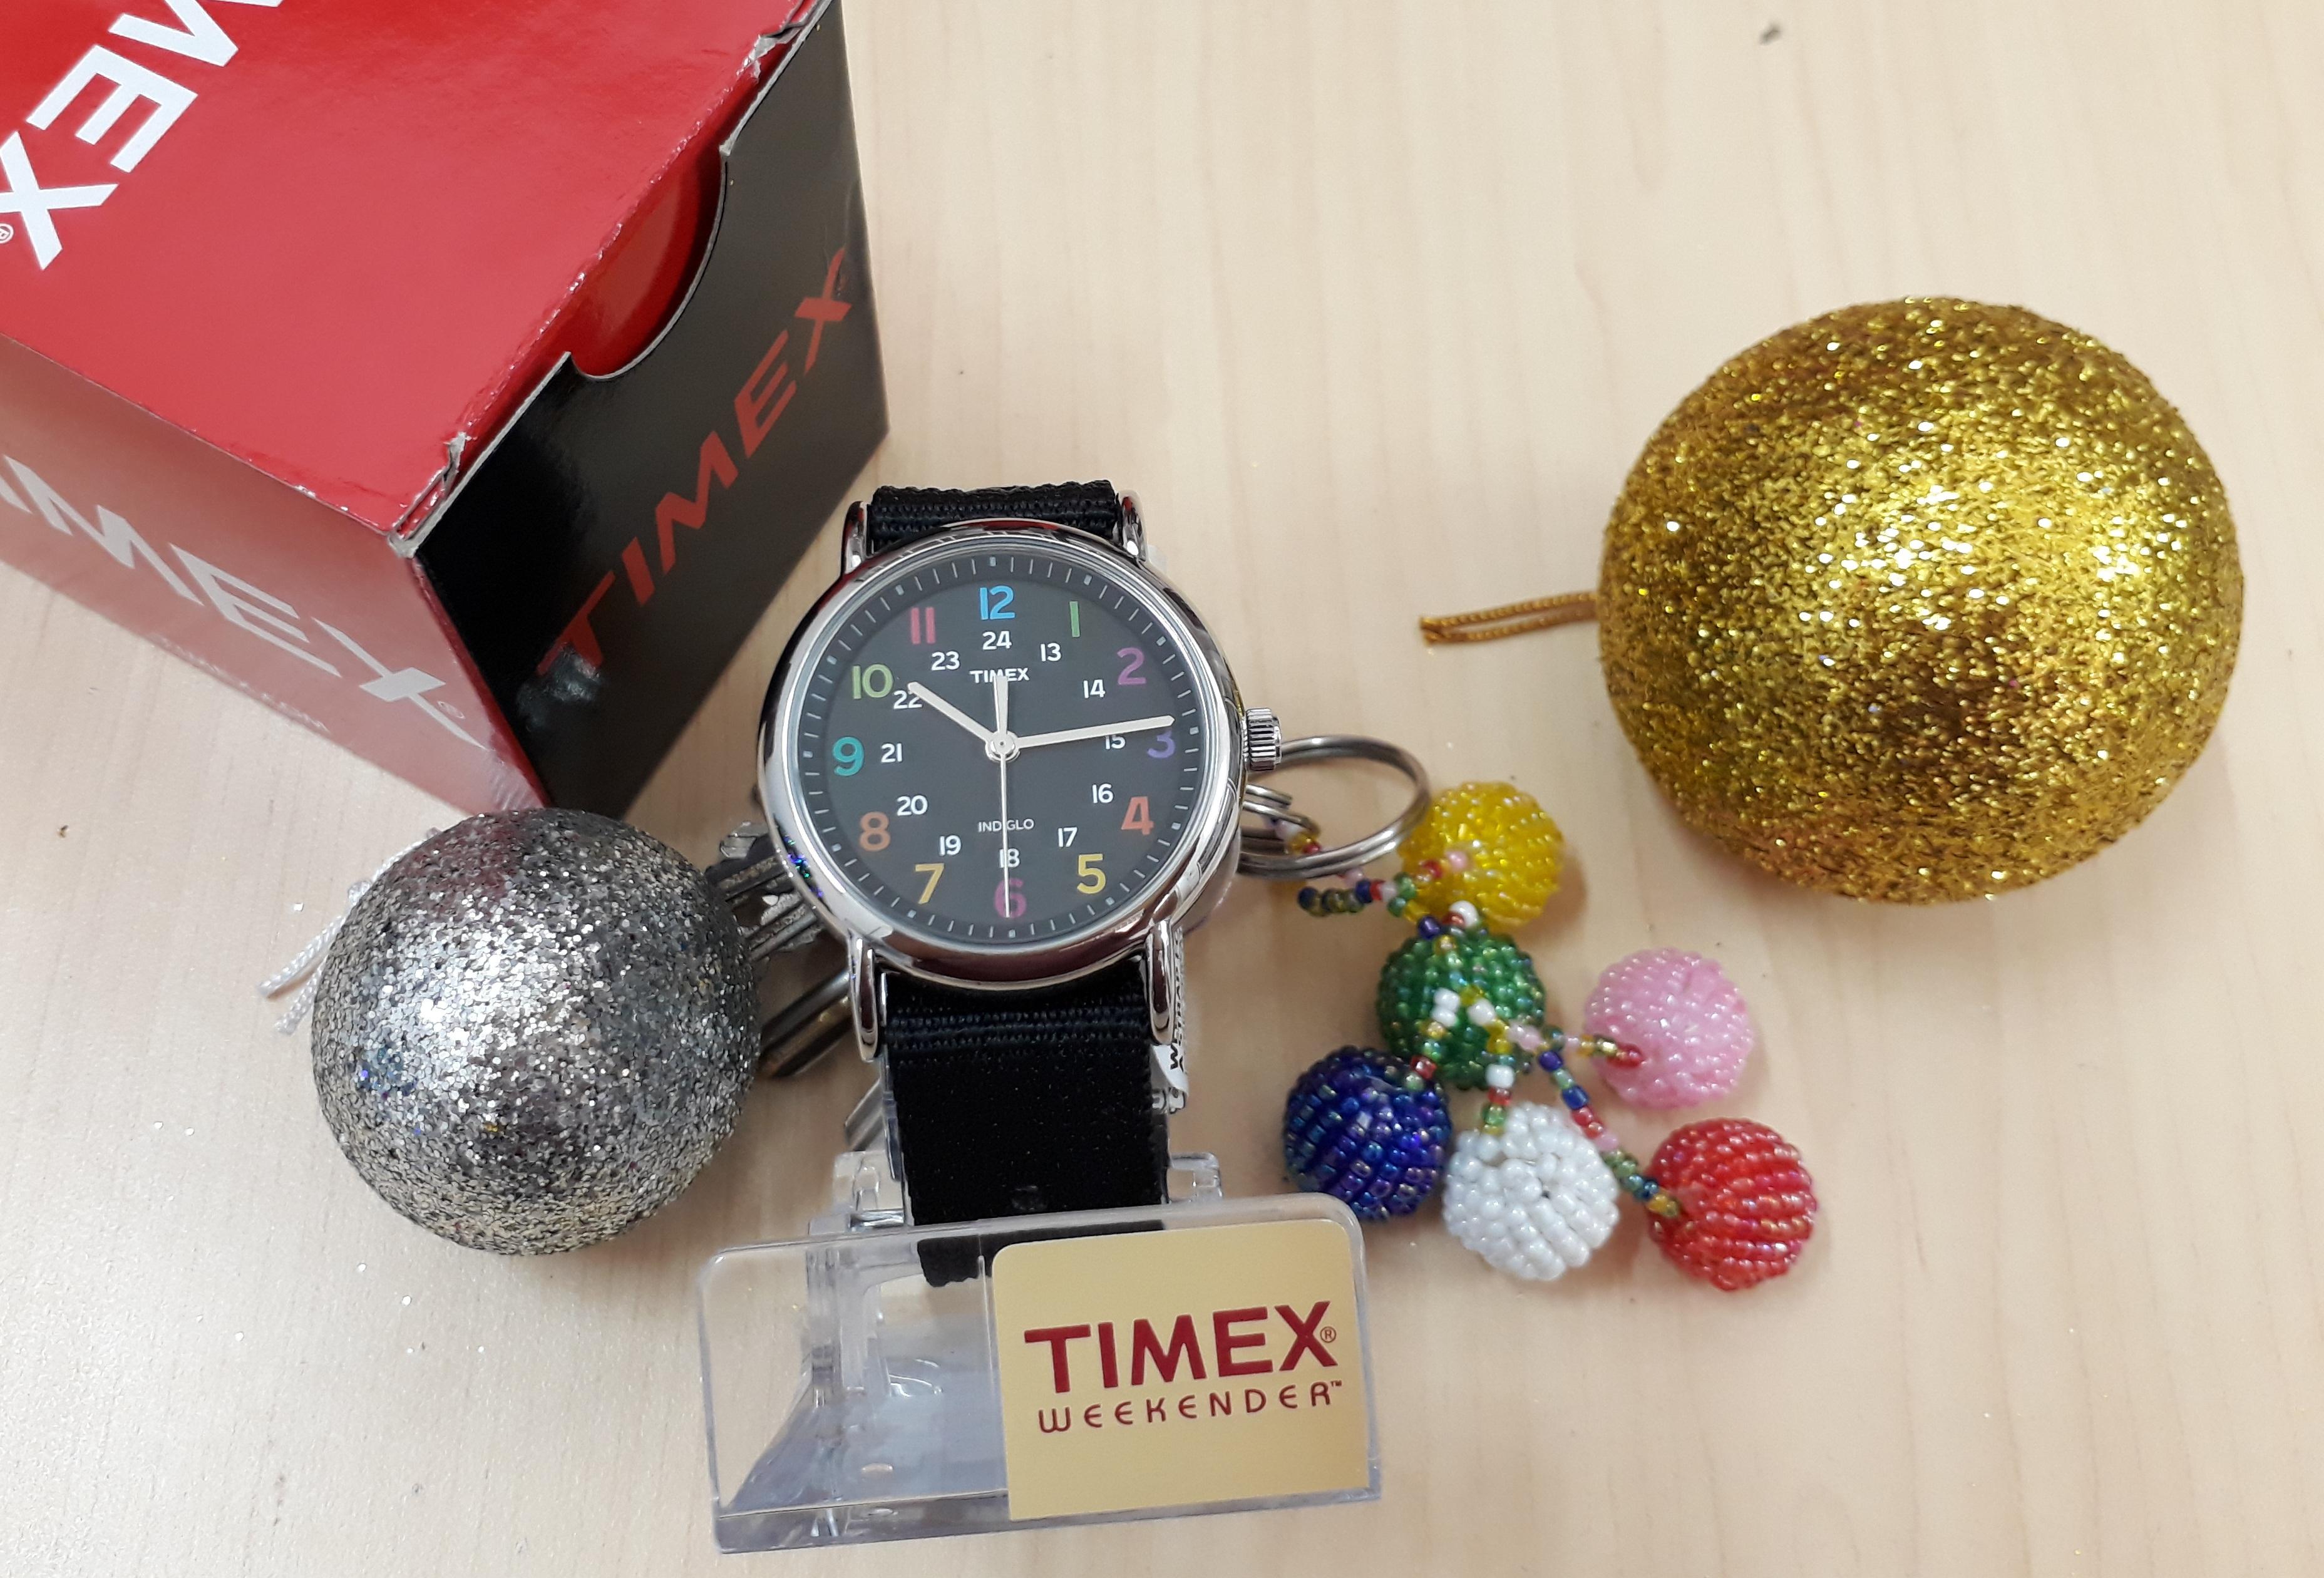 Đồng hồ Timex Unisex T2N8559J Weekender